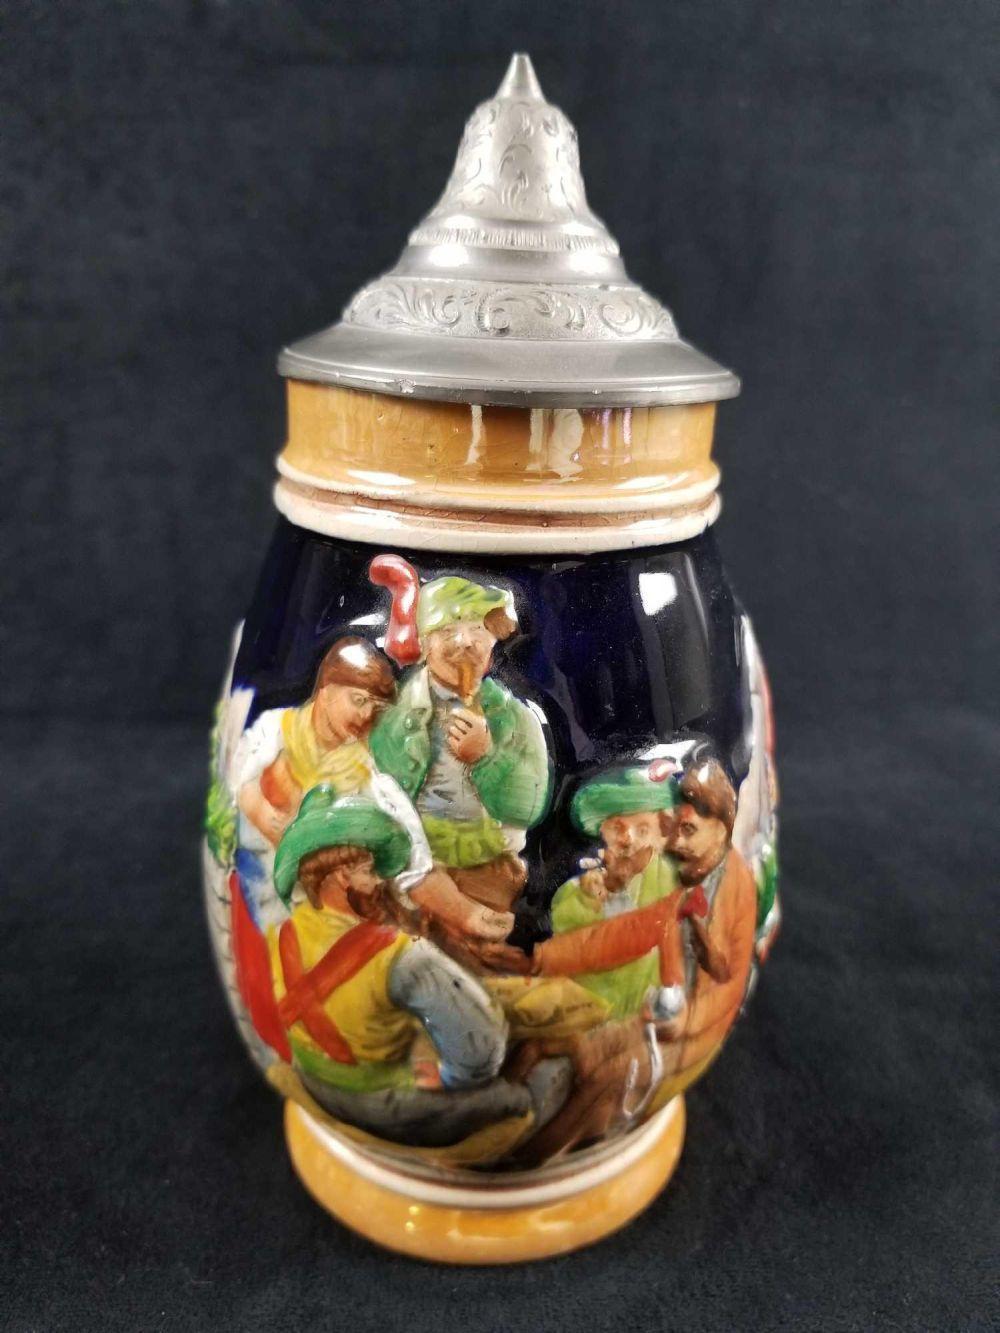 Lot 328: Vintage German Beer Stein with Pewter LId featuring Gambling Men